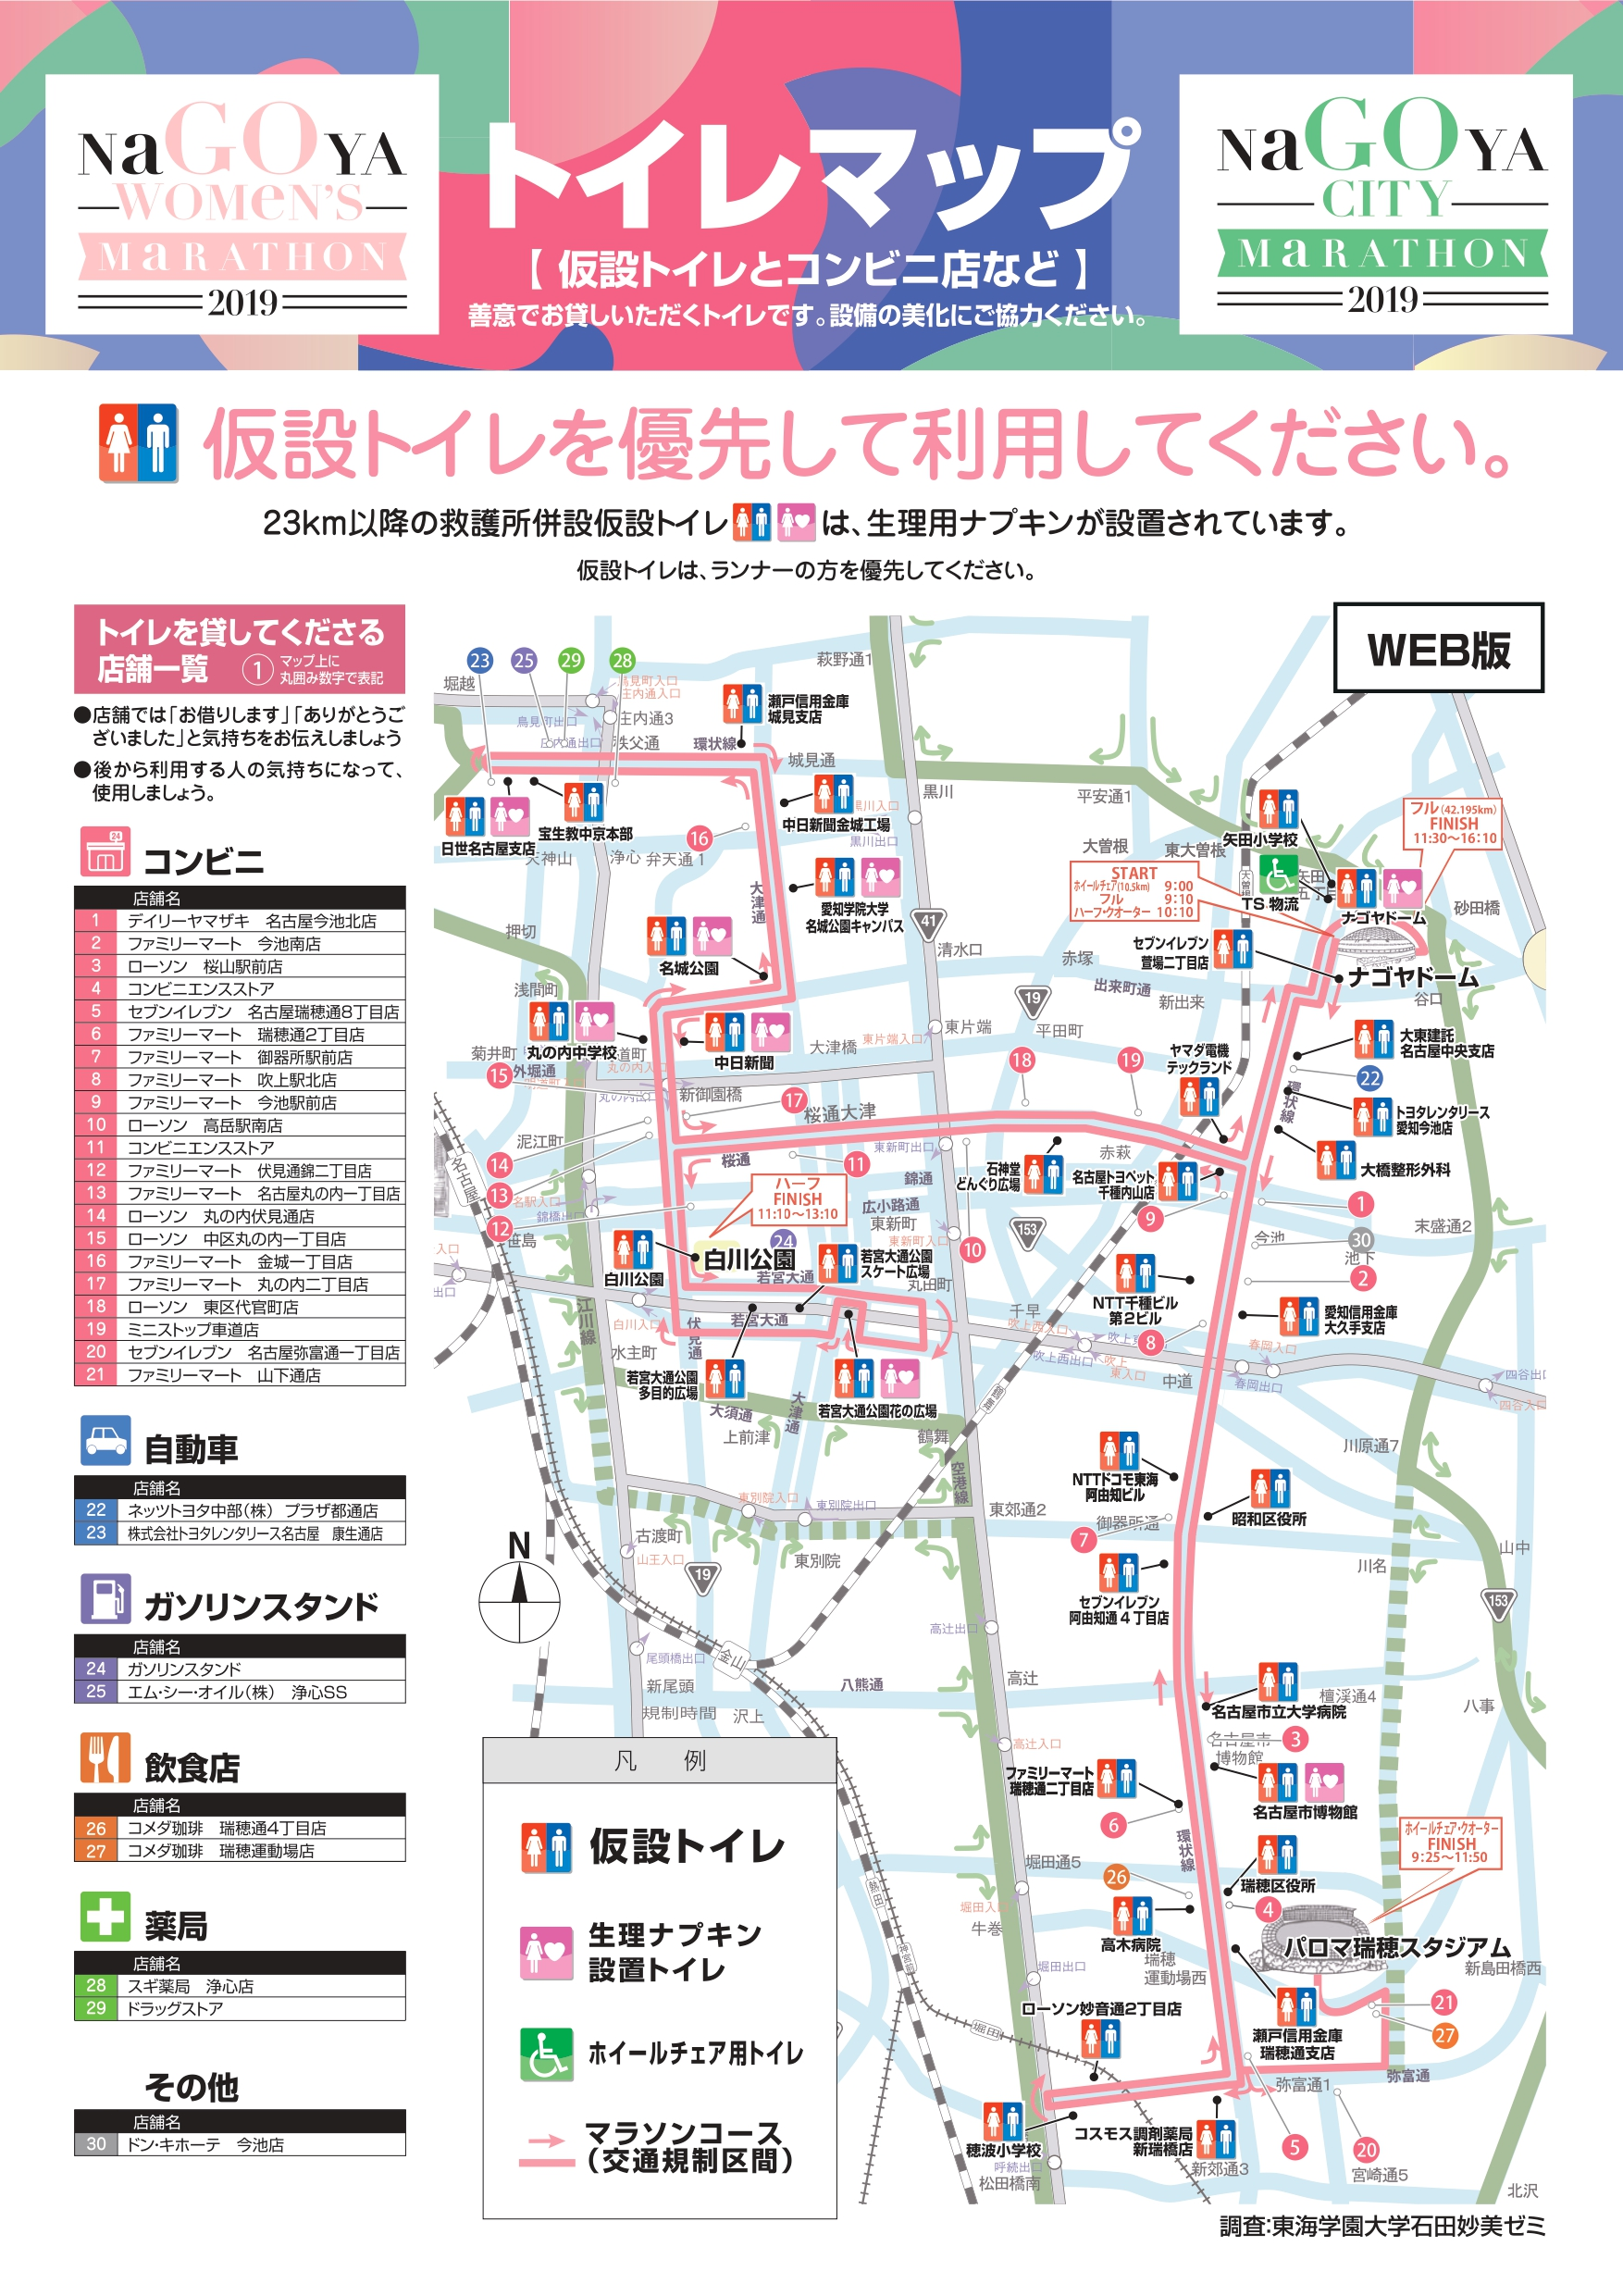 名古屋 マラソン 交通 規制